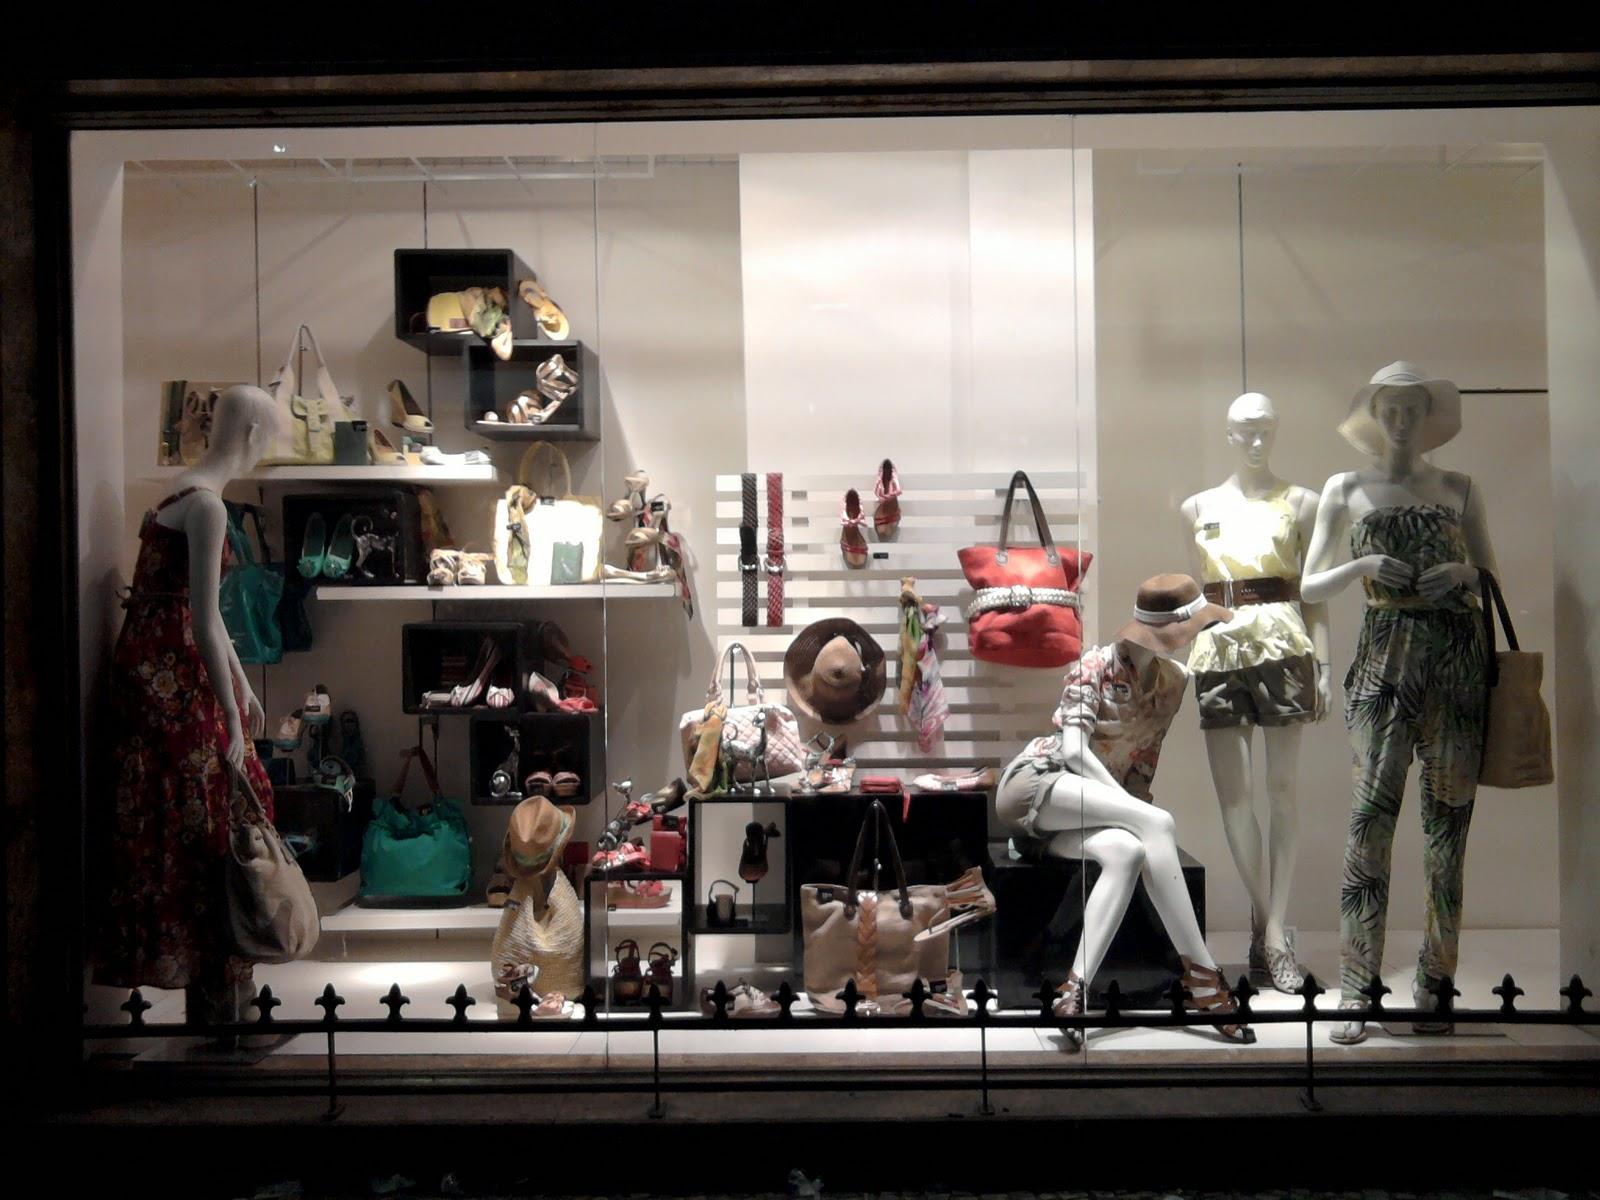 b1d03bb13 Esta vitrine, é da loja leader no centro do Rio de Janeiro. Ao passar me  chamou atenção pela simplicidade e exuberancia em produtos.